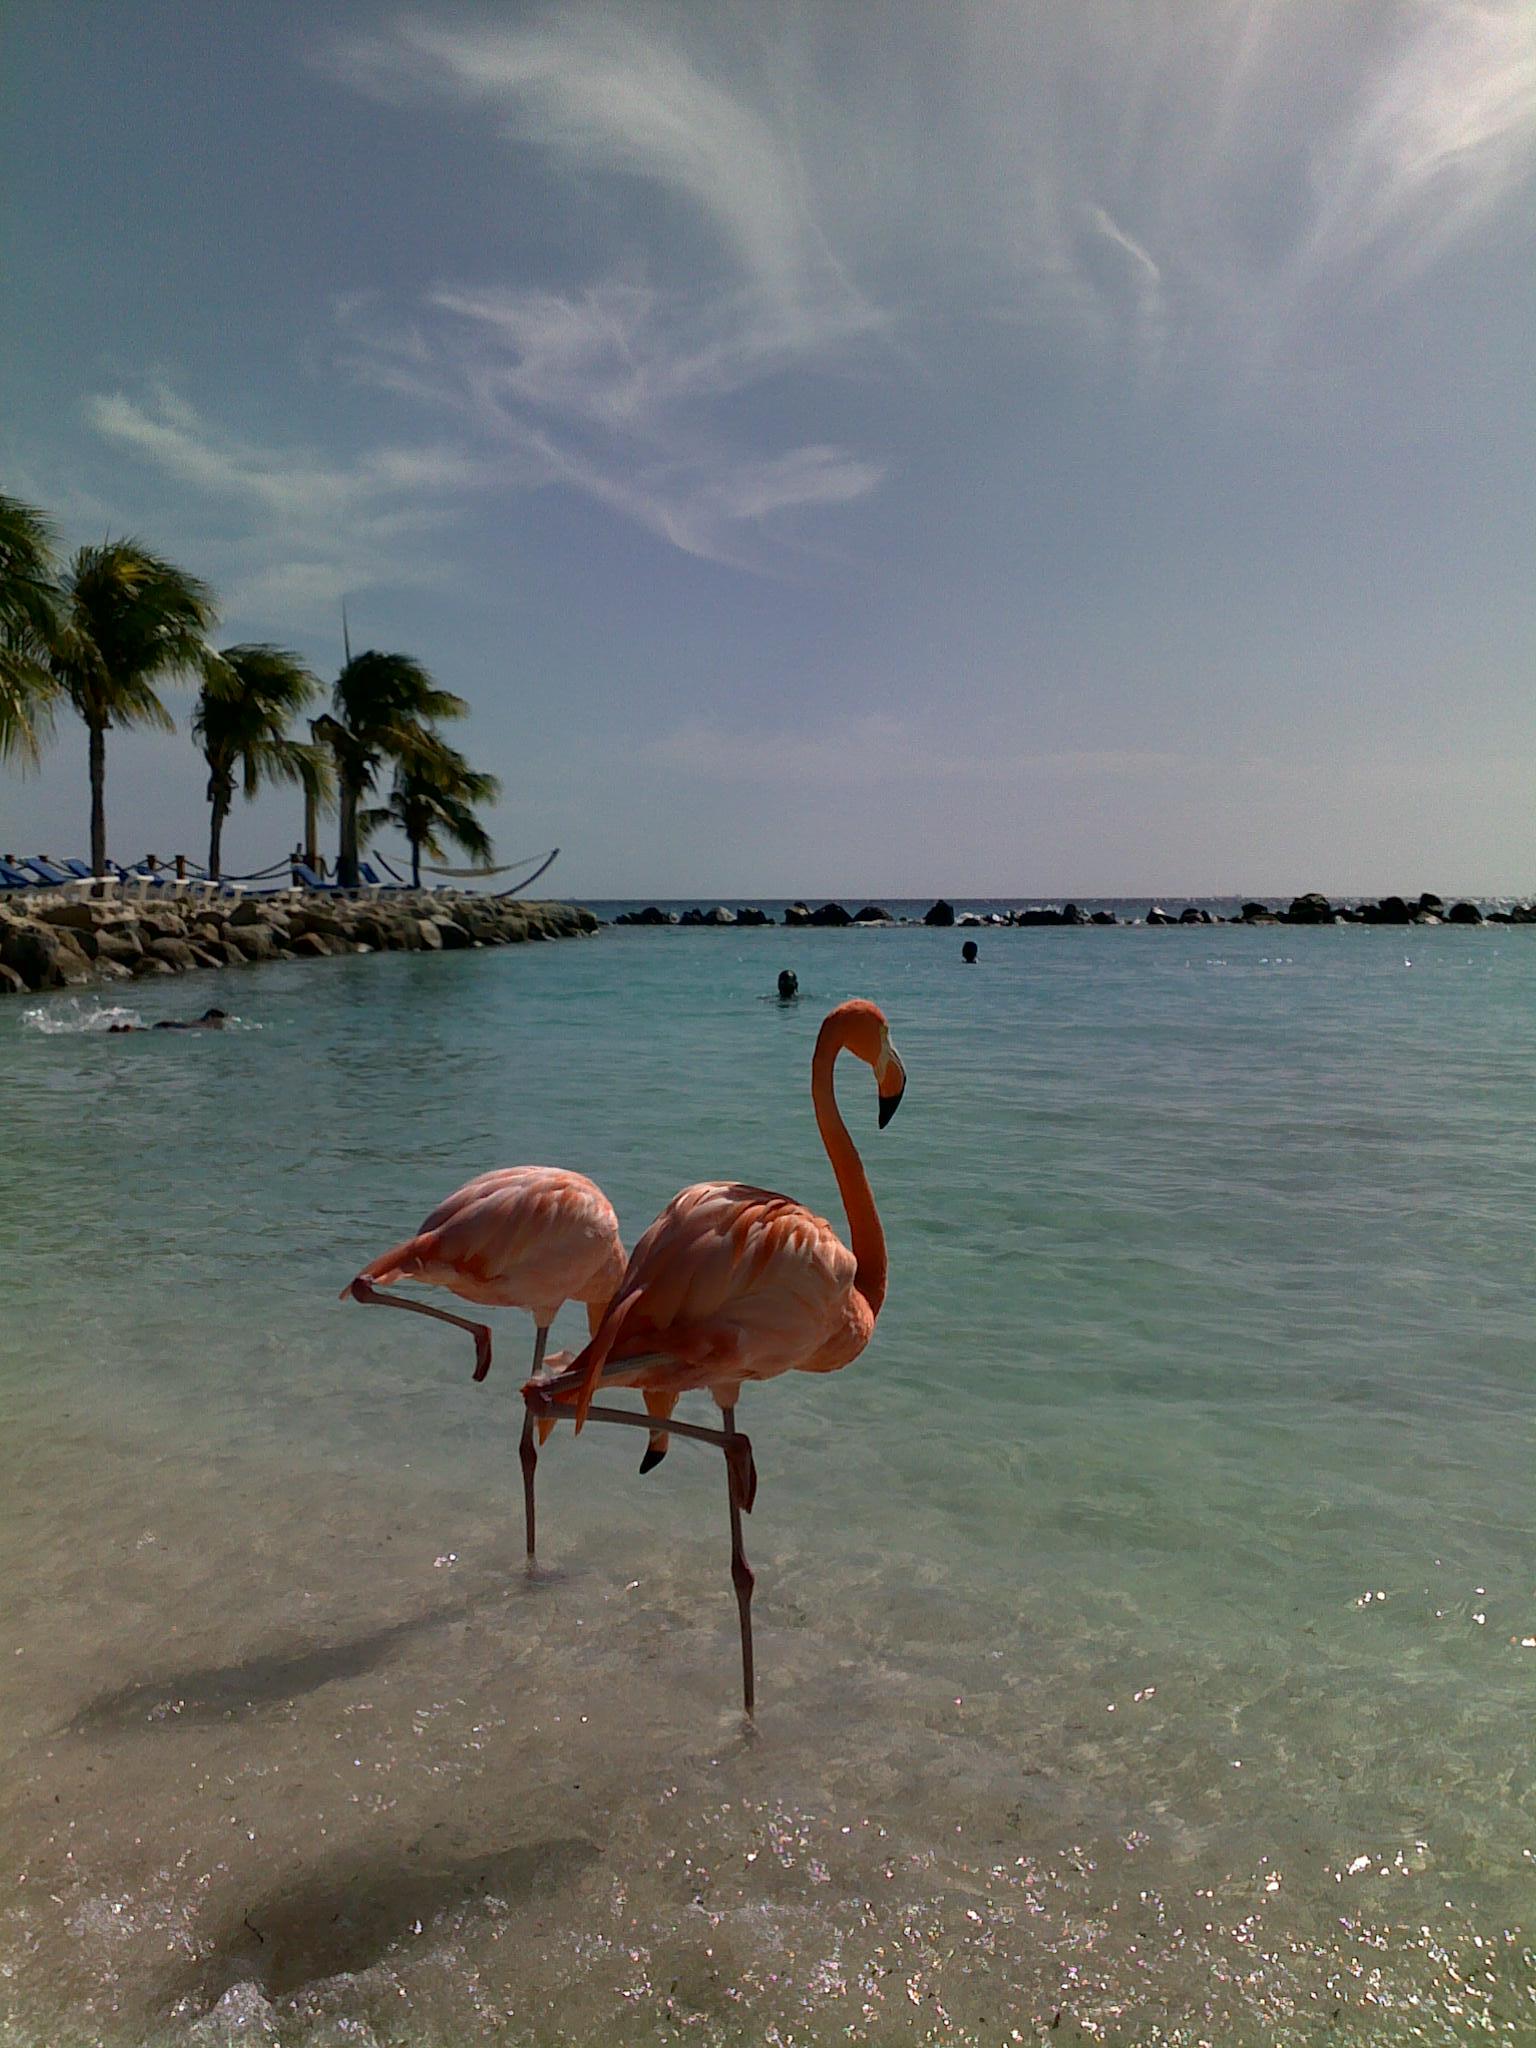 Carnet de voyage : Curaçao, un rêve en couleurs - 6